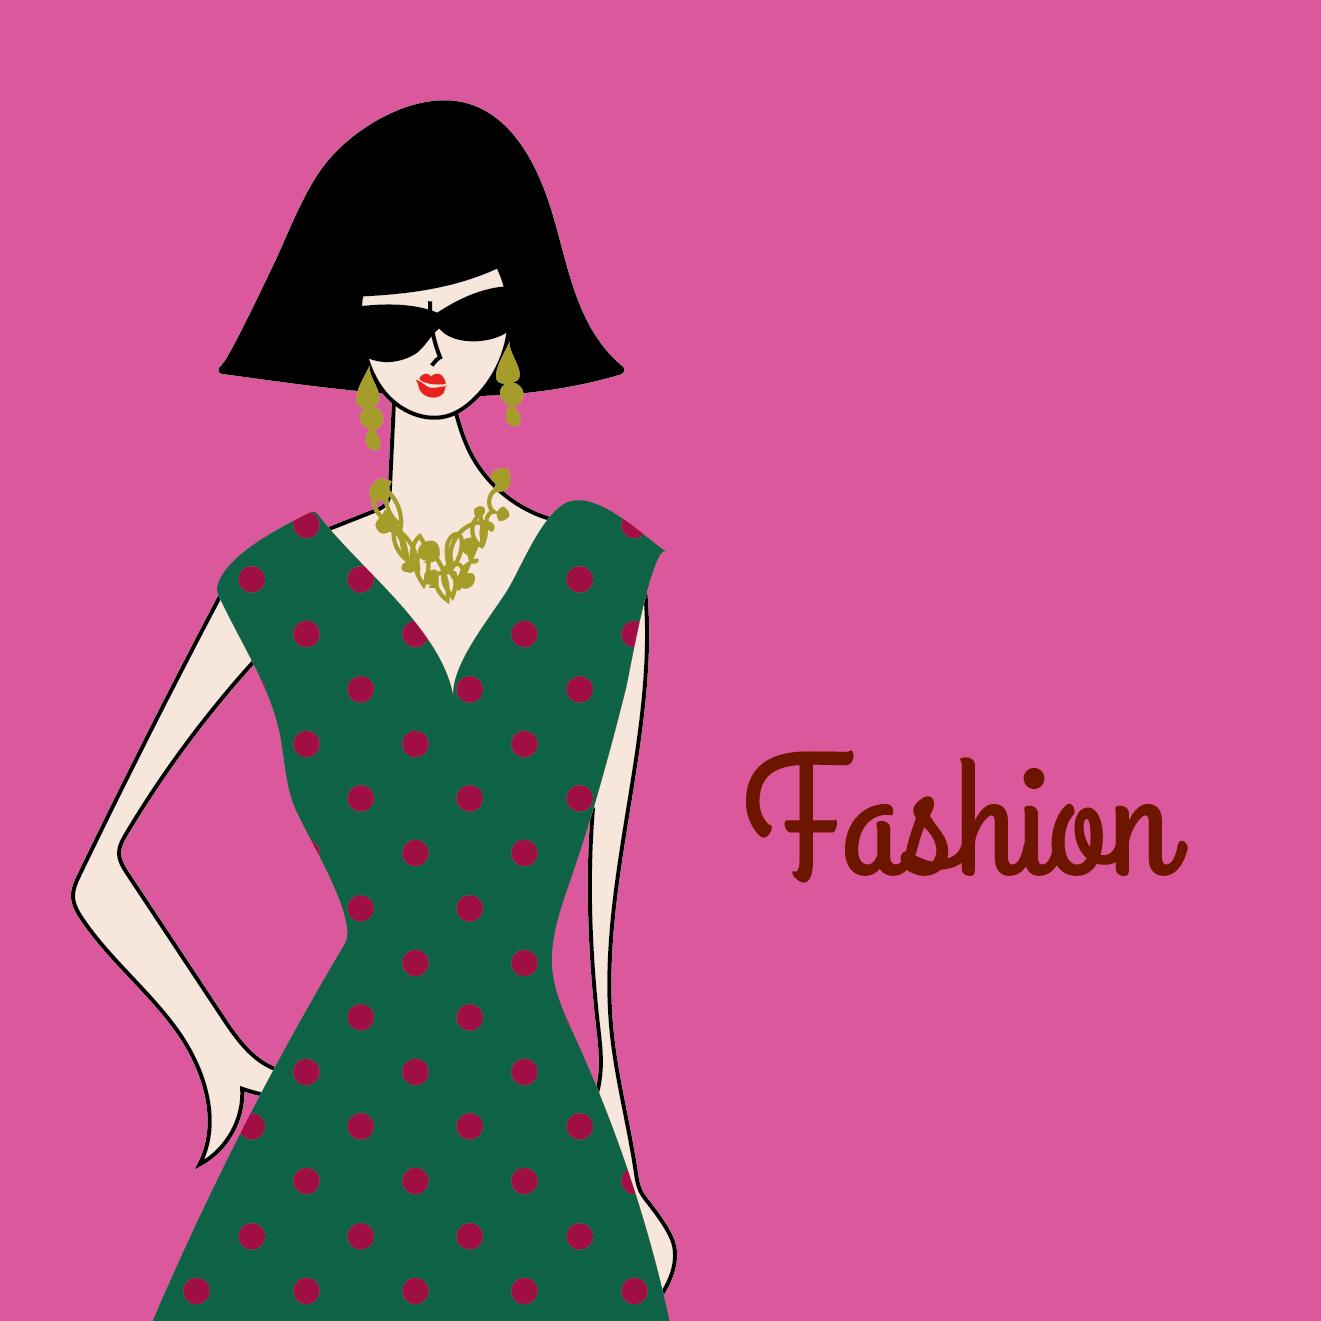 おかっぱボブヘアー女性がオシャレな夏服ワンピースを着たイラスト